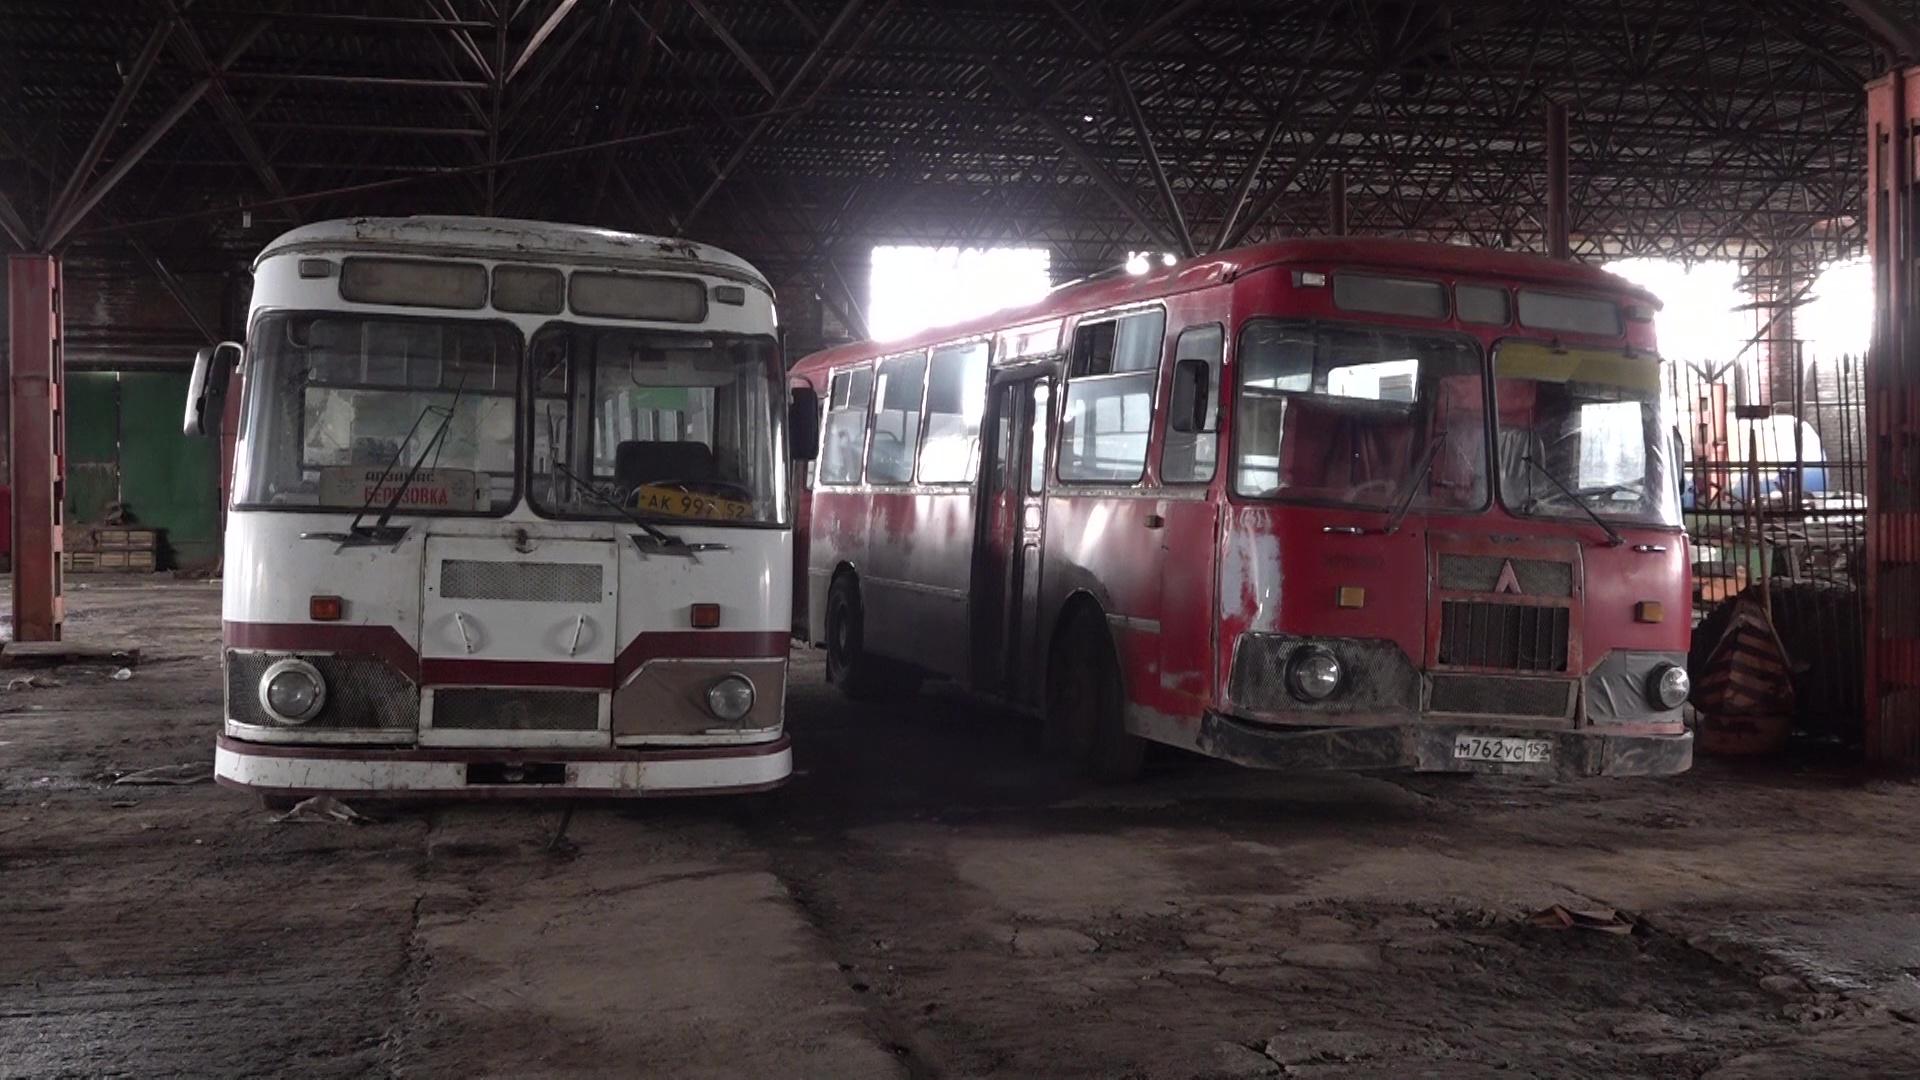 По бумагам – металлолом, на деле – машина времени: в Ярославль прибыли два ретро-автобуса